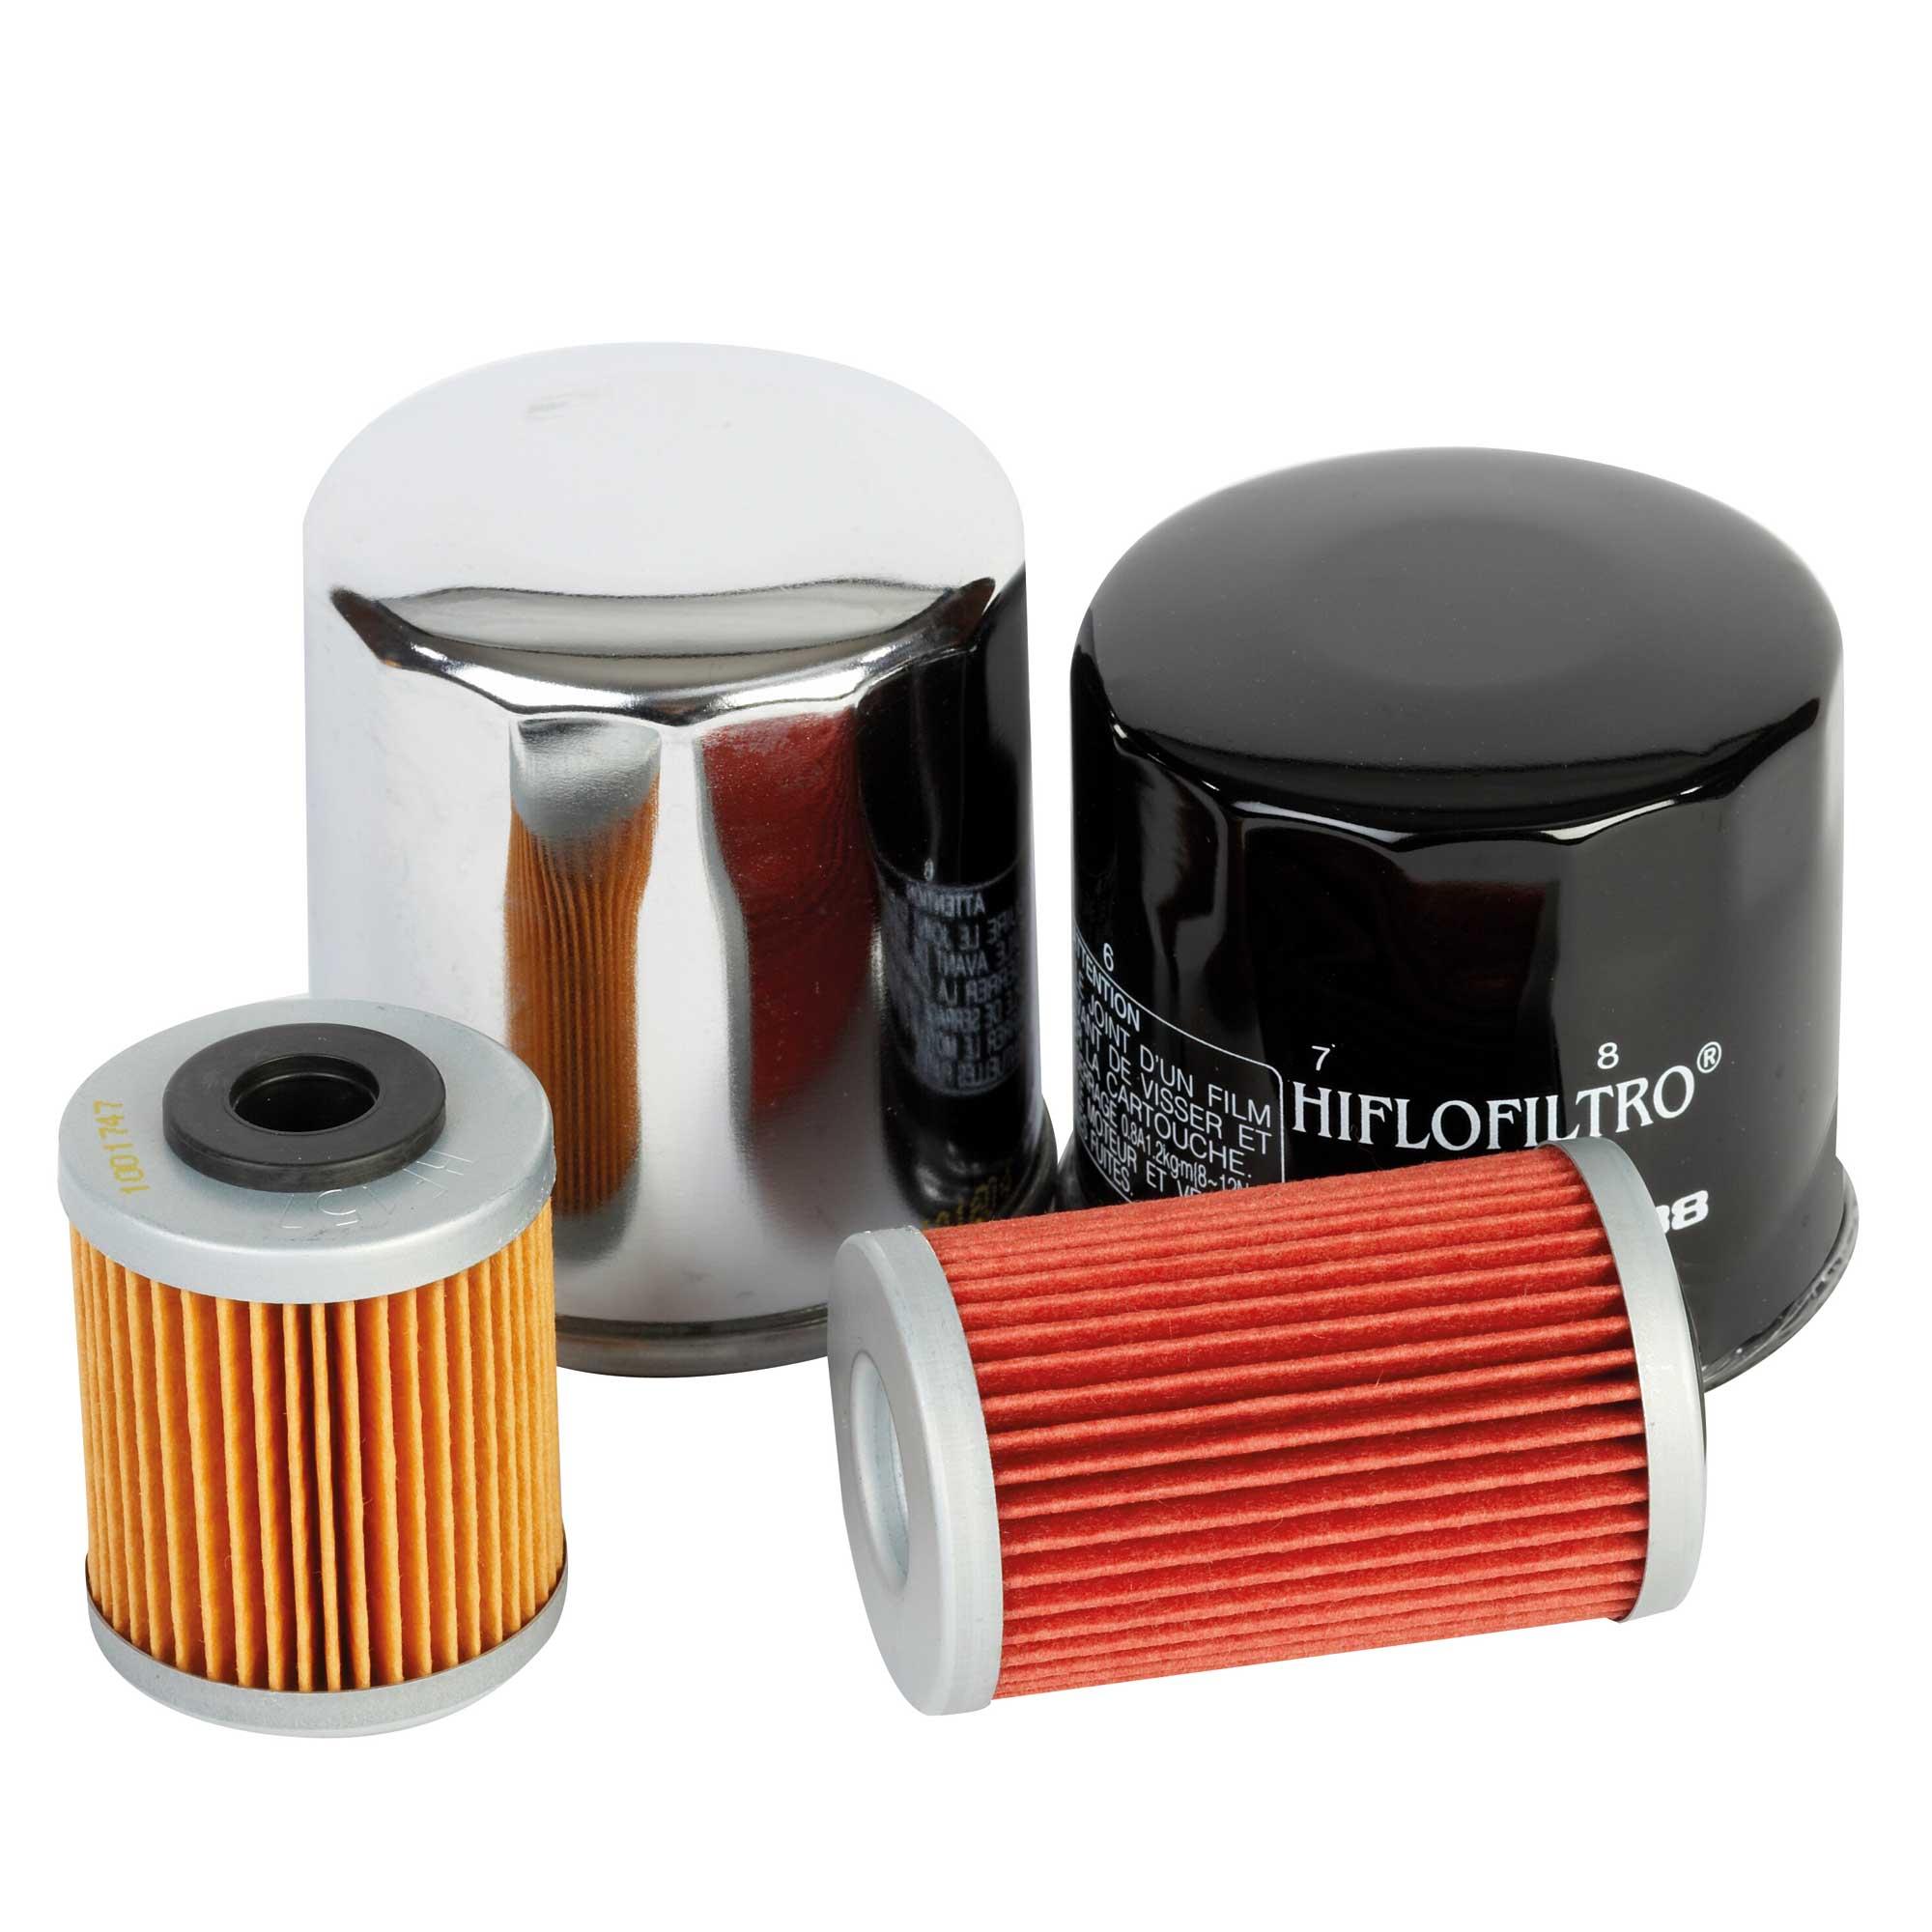 HiFlow Filtro Motorcycle Air Filter For Suzuki 2004 GSX-R1000 K4